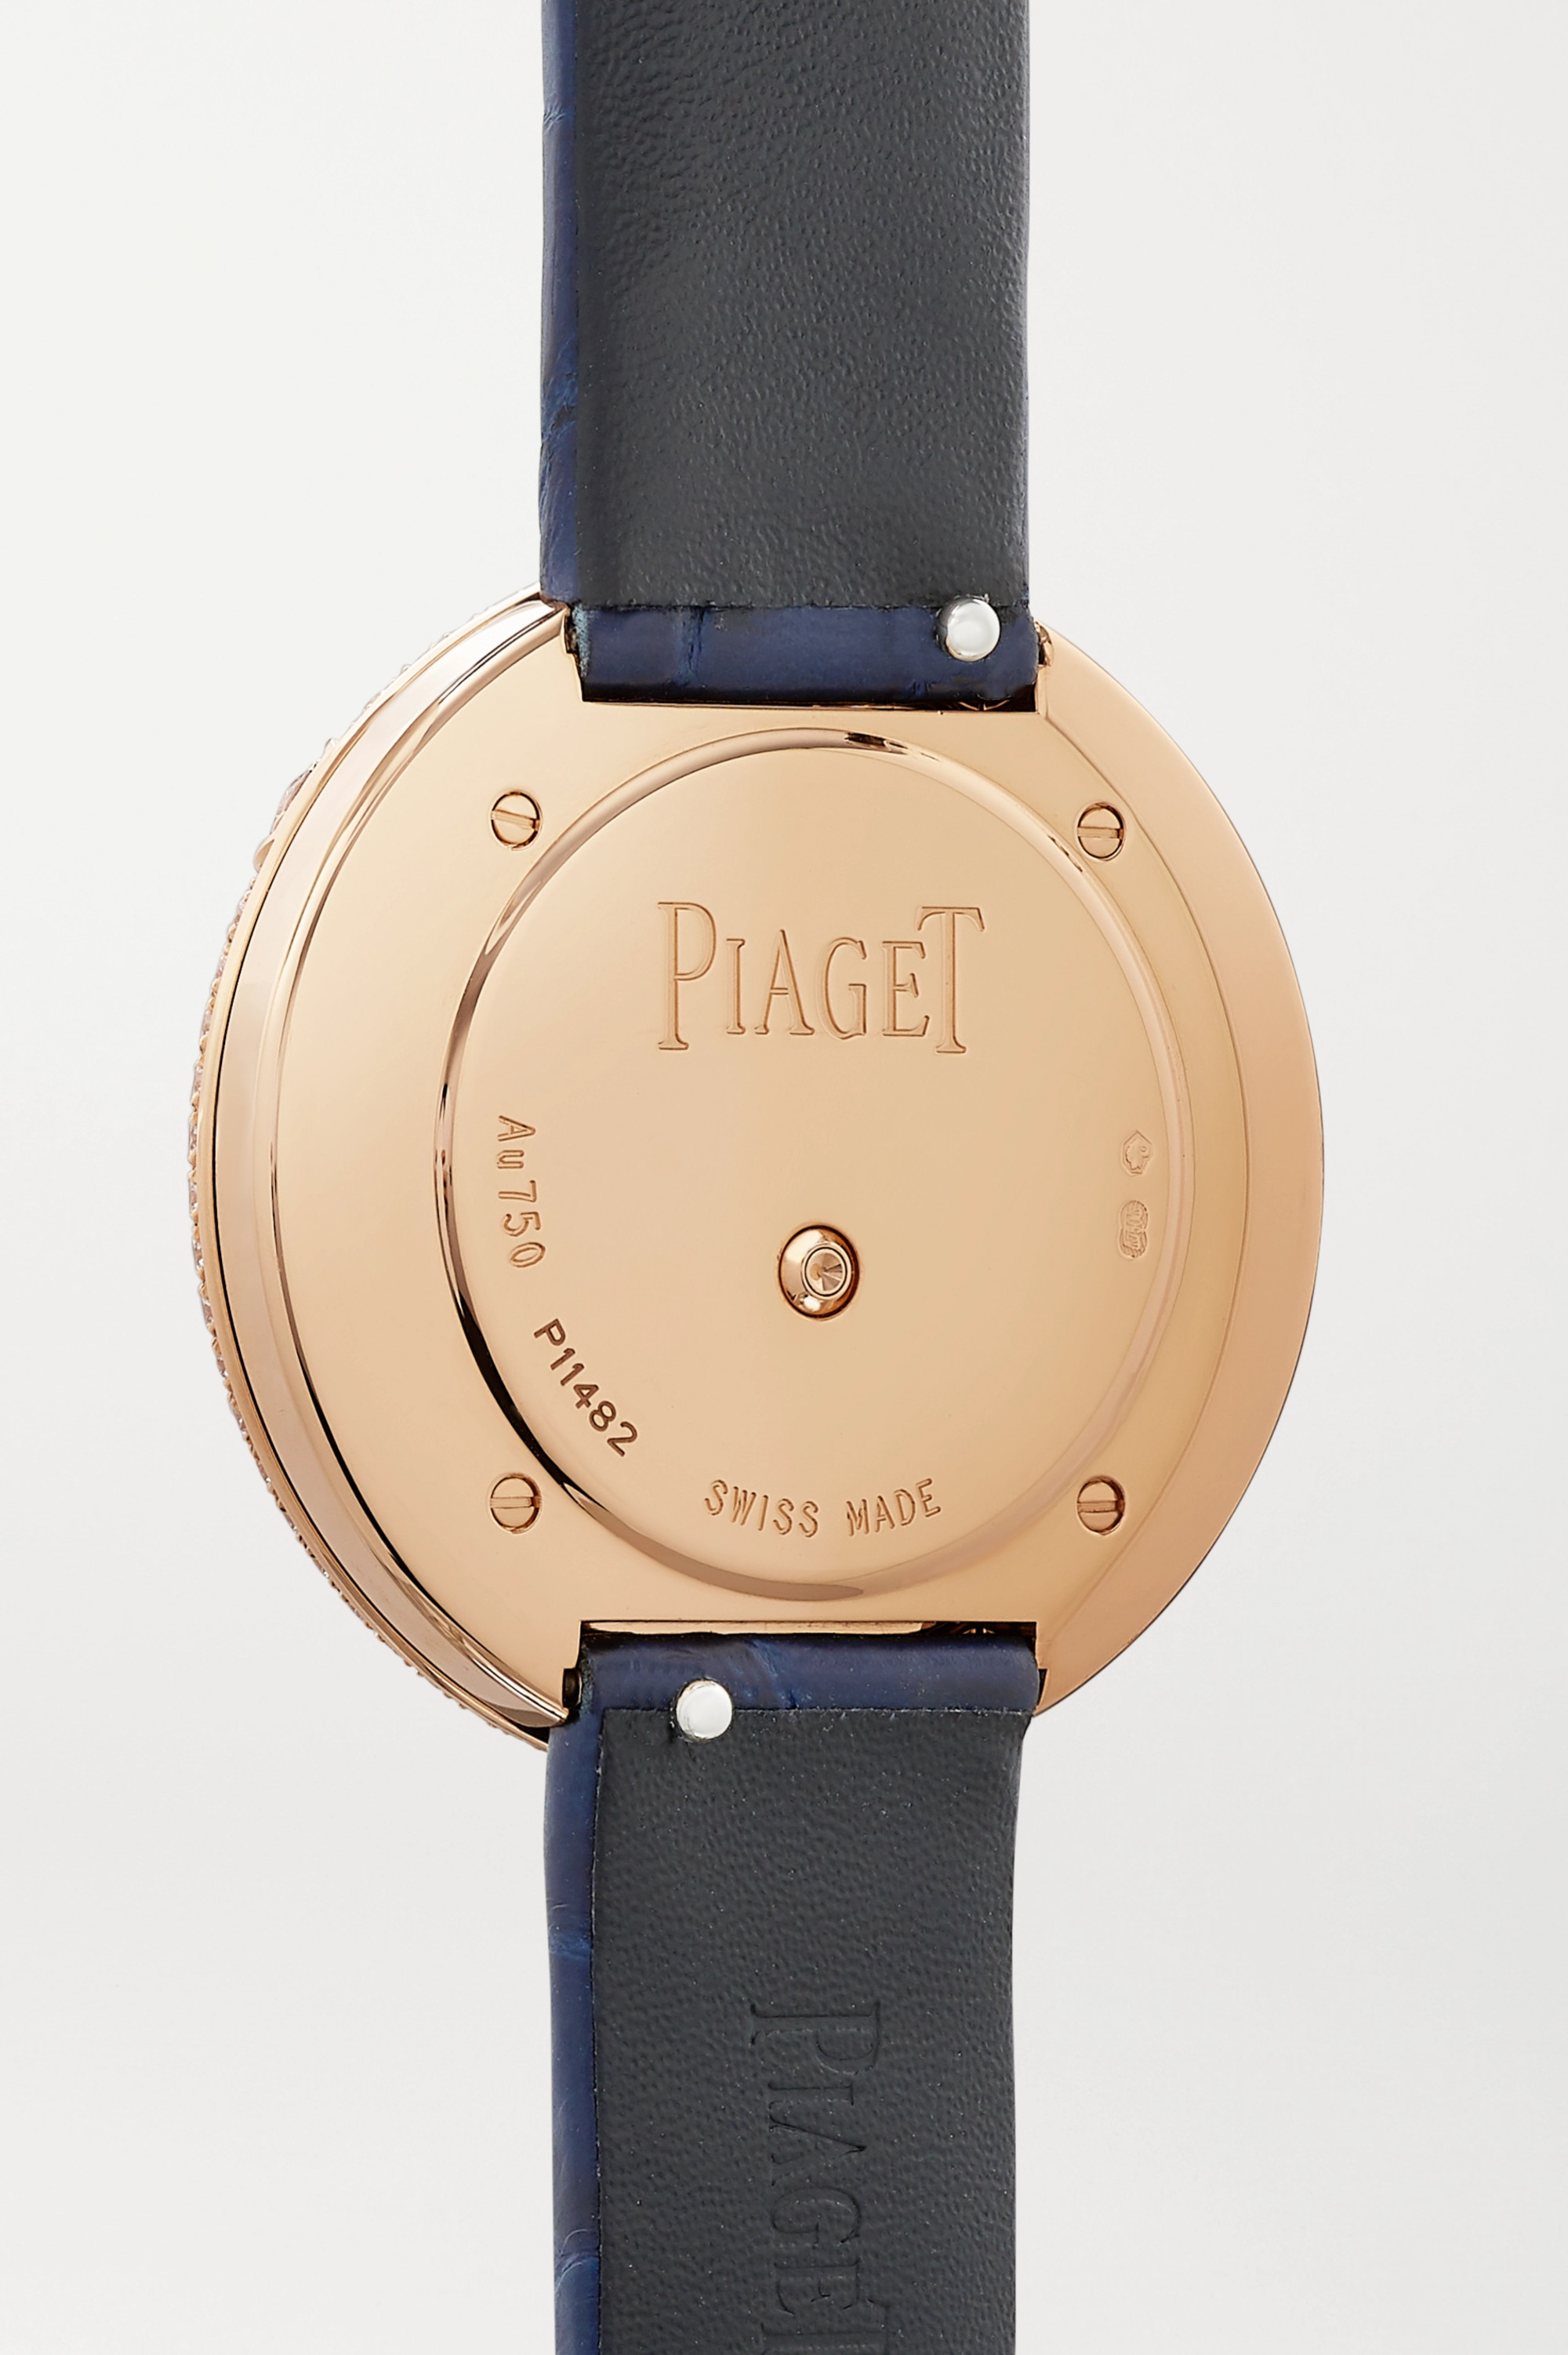 Piaget Montre en or rose 18 carats et diamants à bracelet en alligator Possession 34 mm